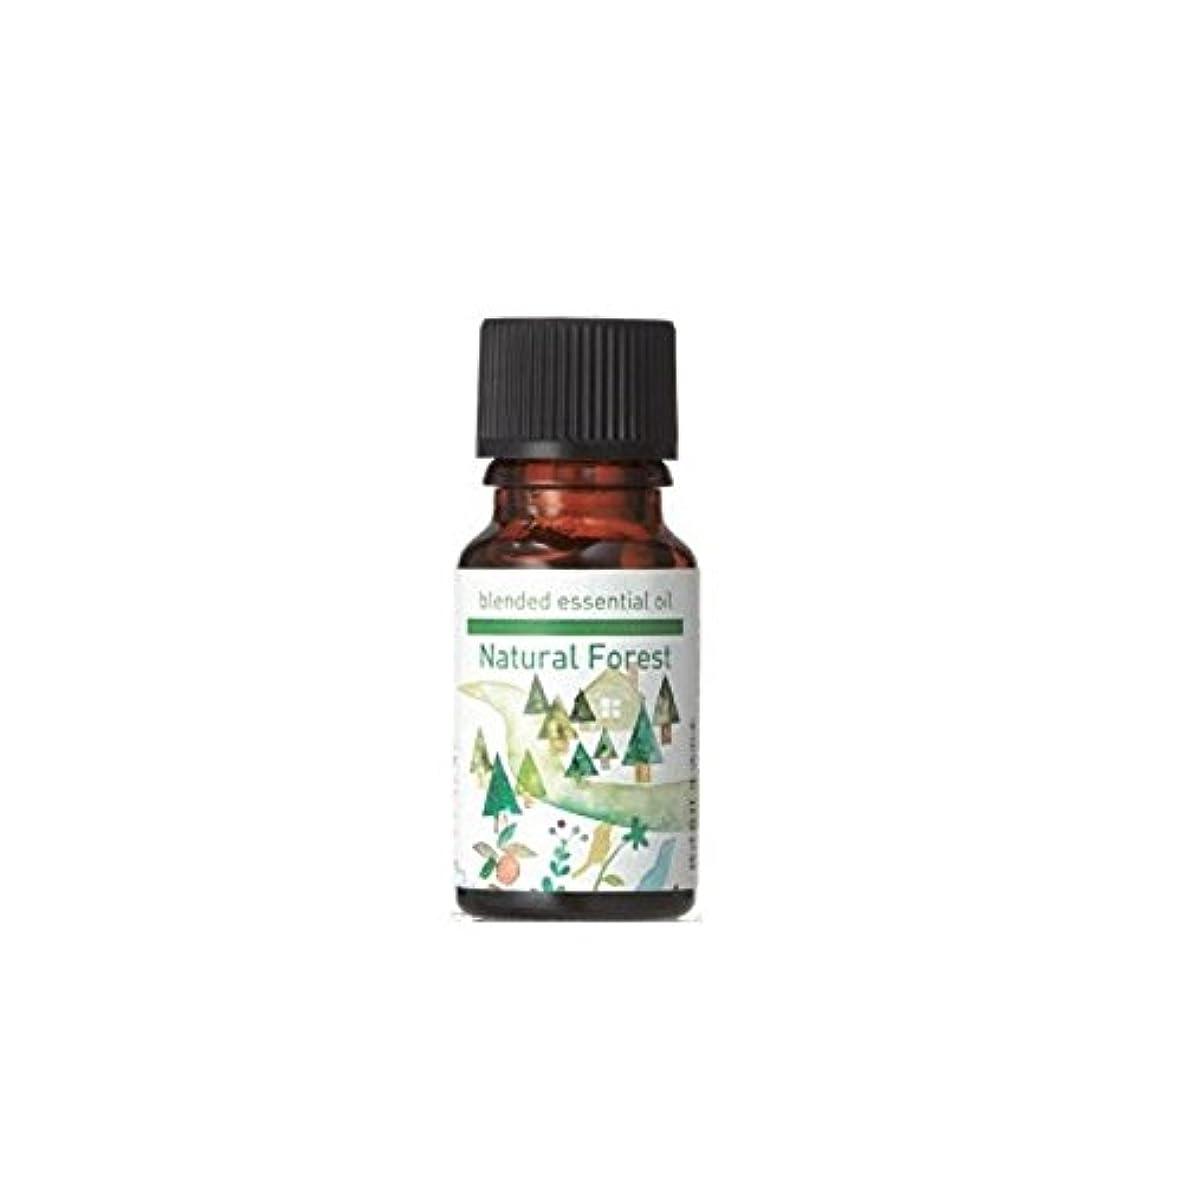 レースパステルどのくらいの頻度で生活の木 ブレンドエッセンシャルオイル ナチュラルフォレスト [30ml] エッセンシャルオイル/精油